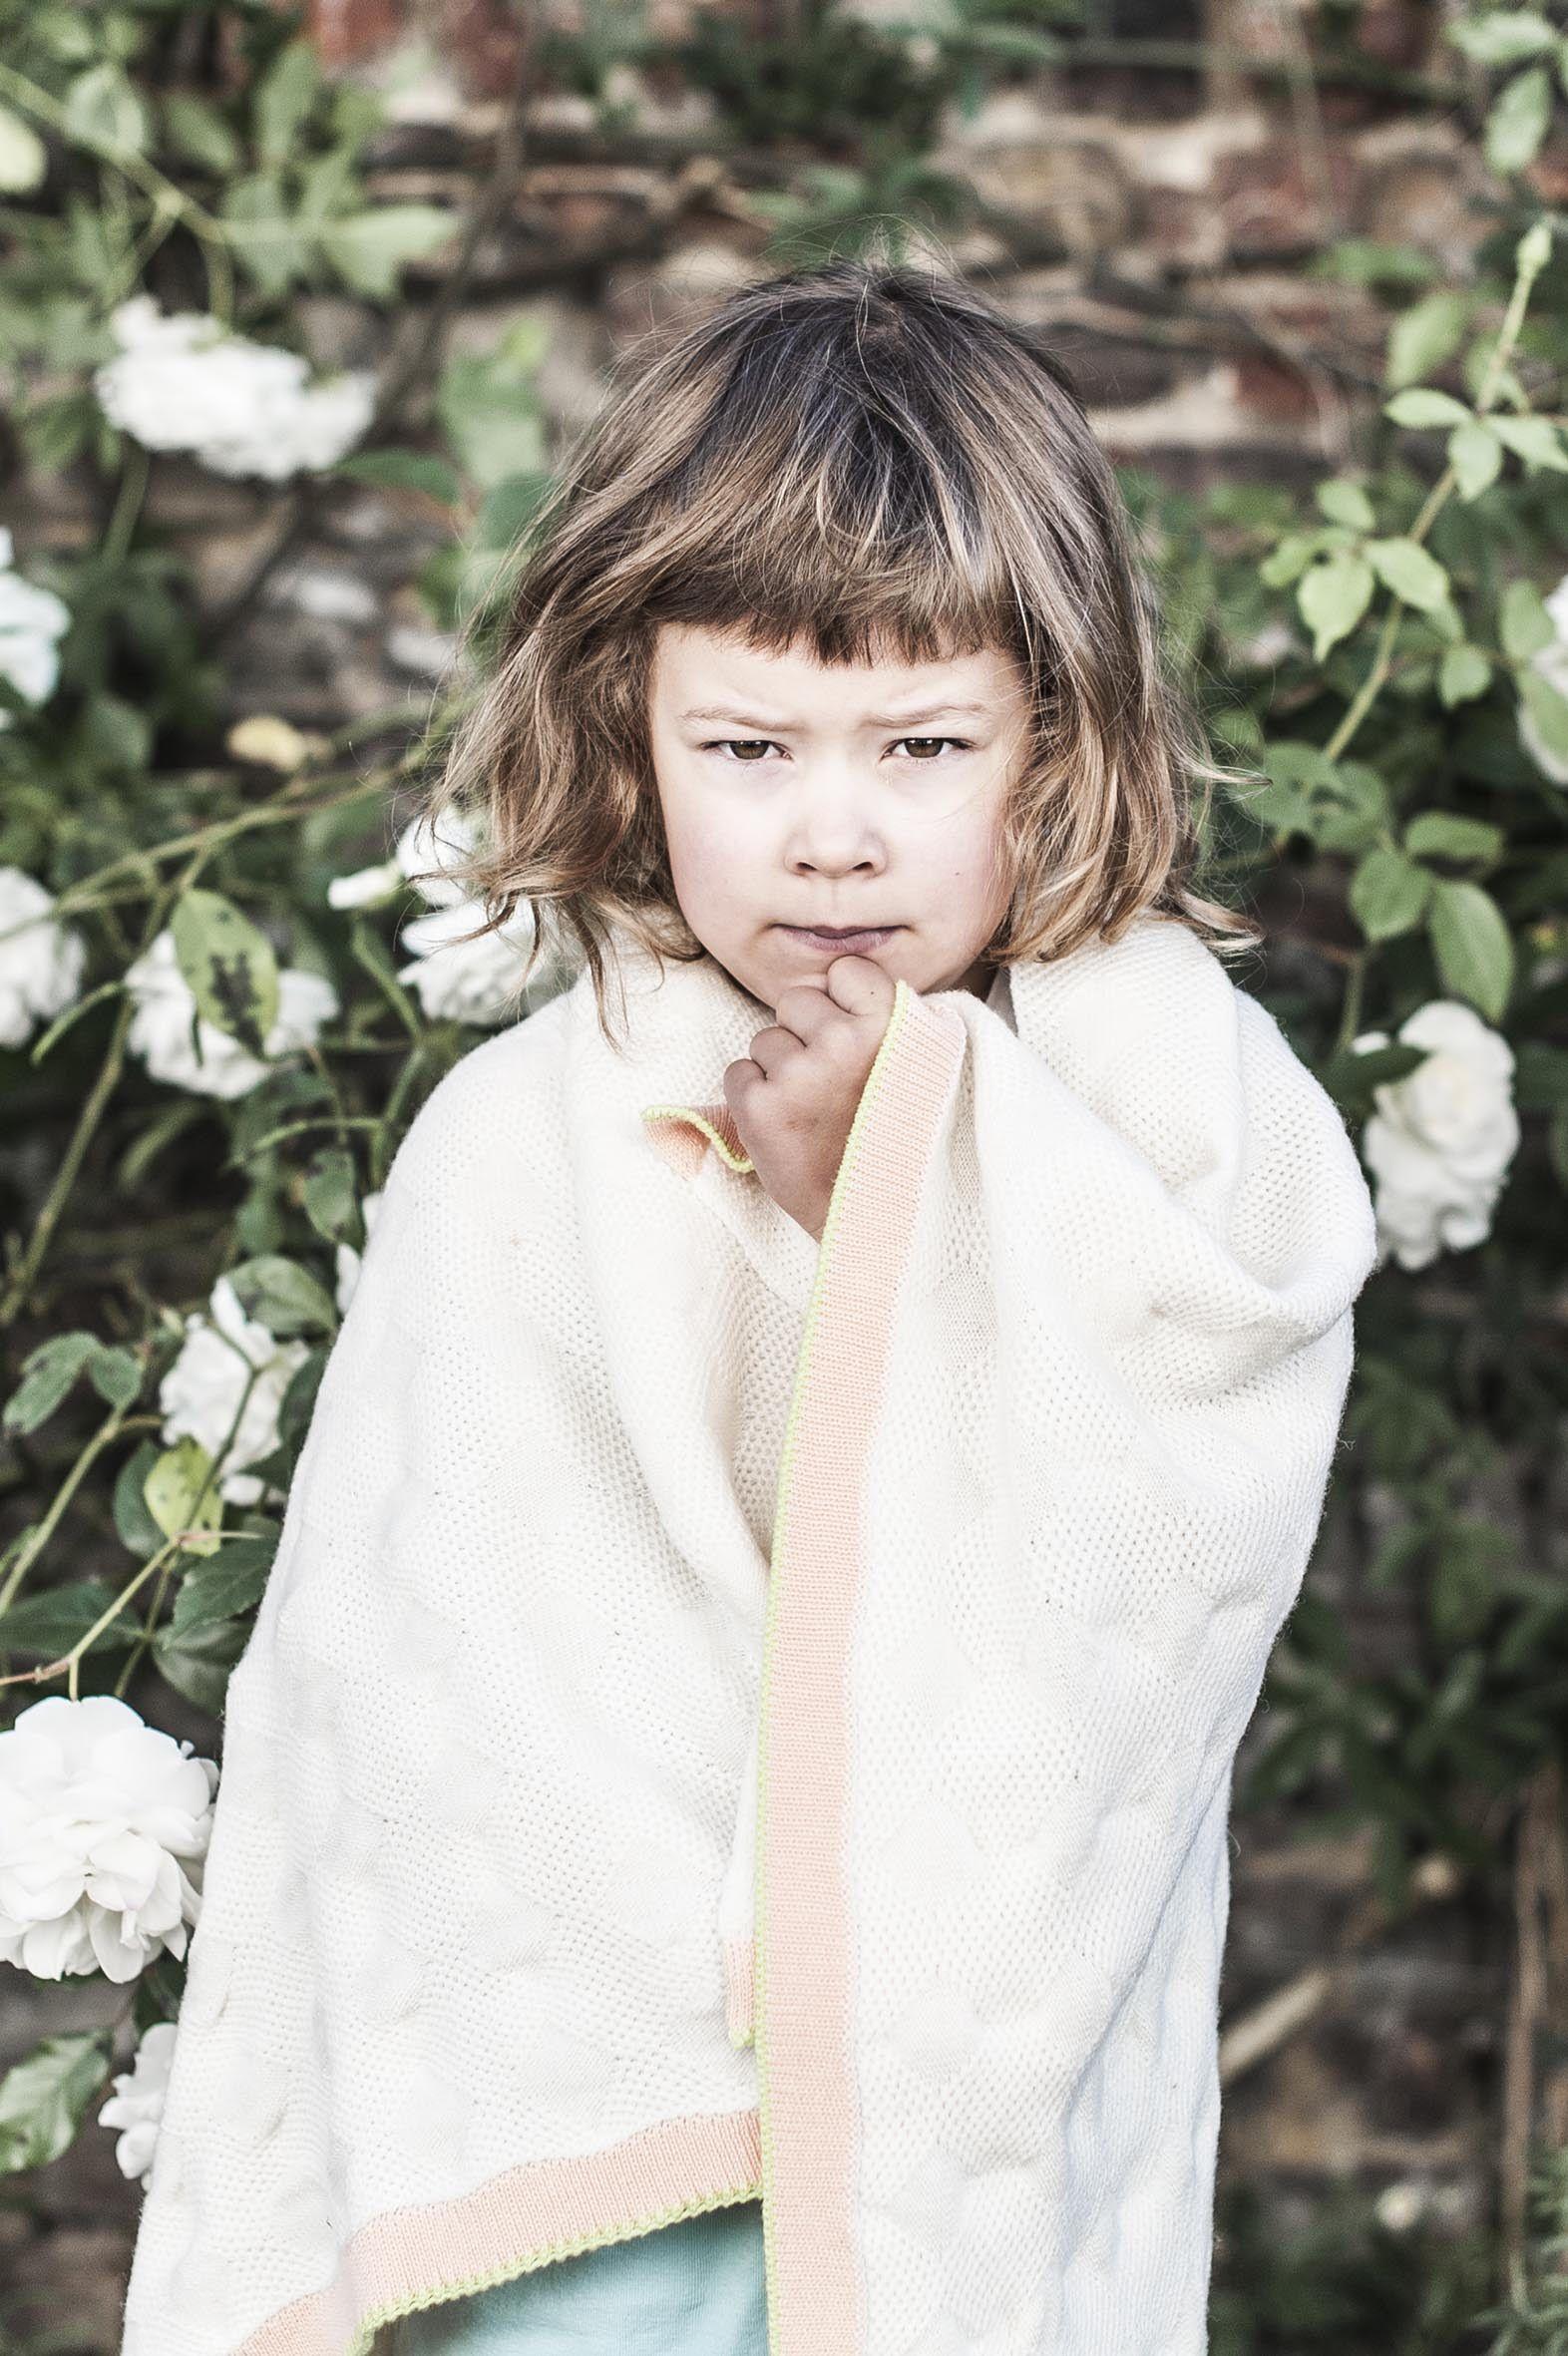 #hvid #belgiumlabel #indewolken Kinderspeciaalzaak 'In de wolken' - Mortsel